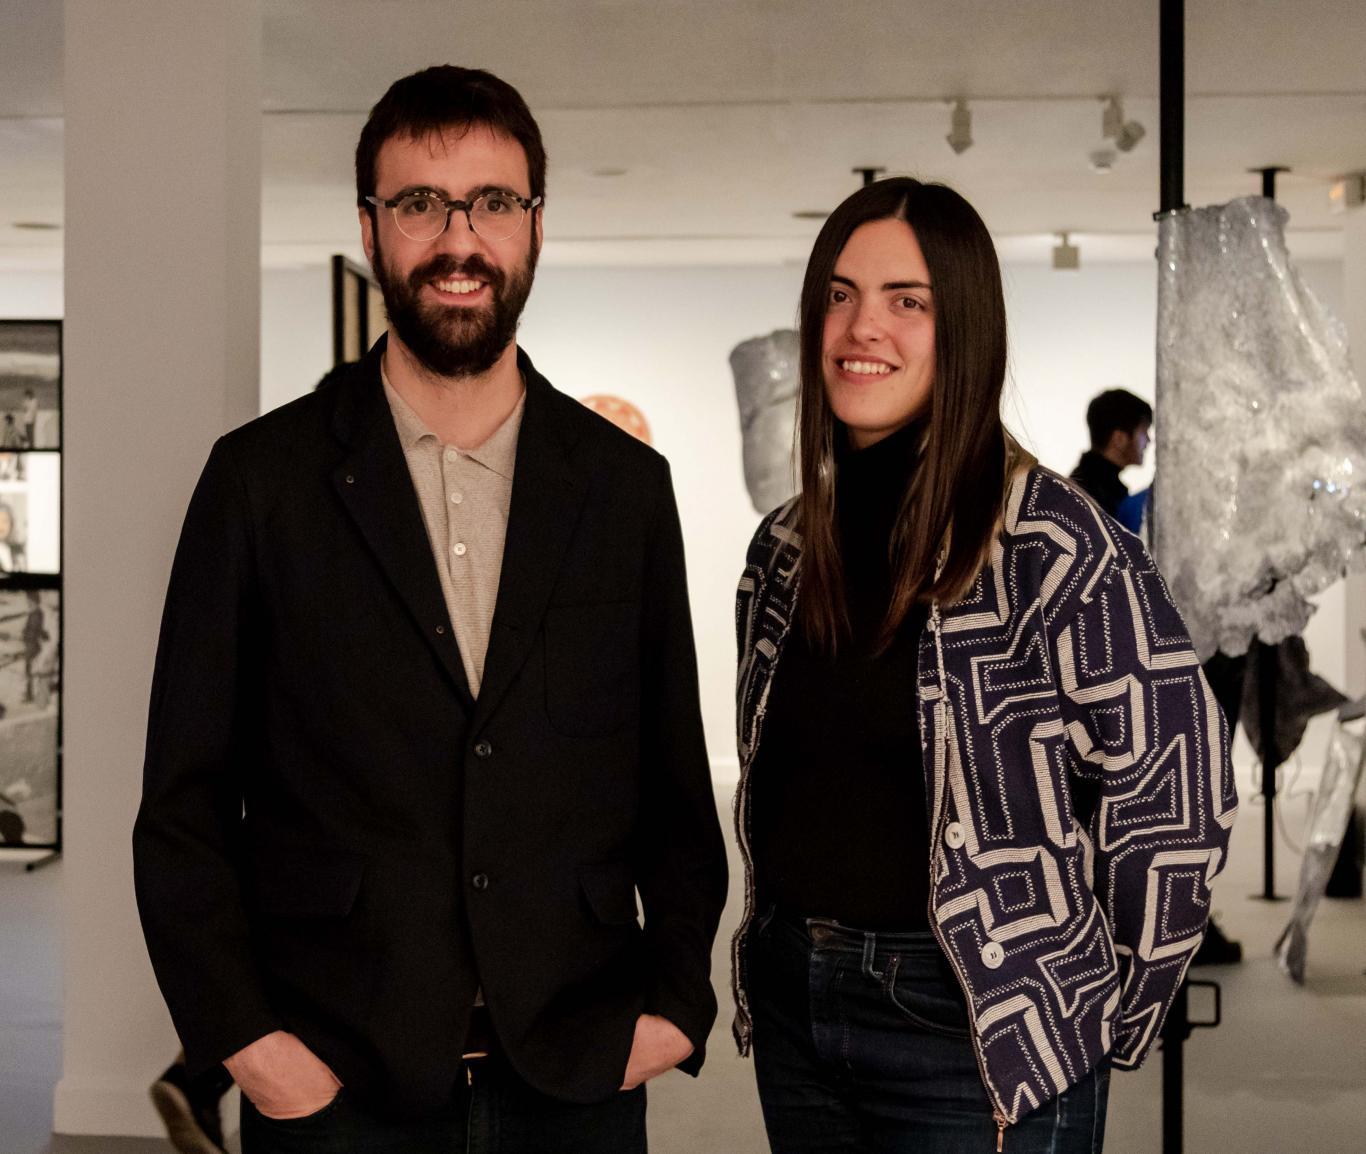 Retratos de Manuela y Jaime en una sala de exposiciones